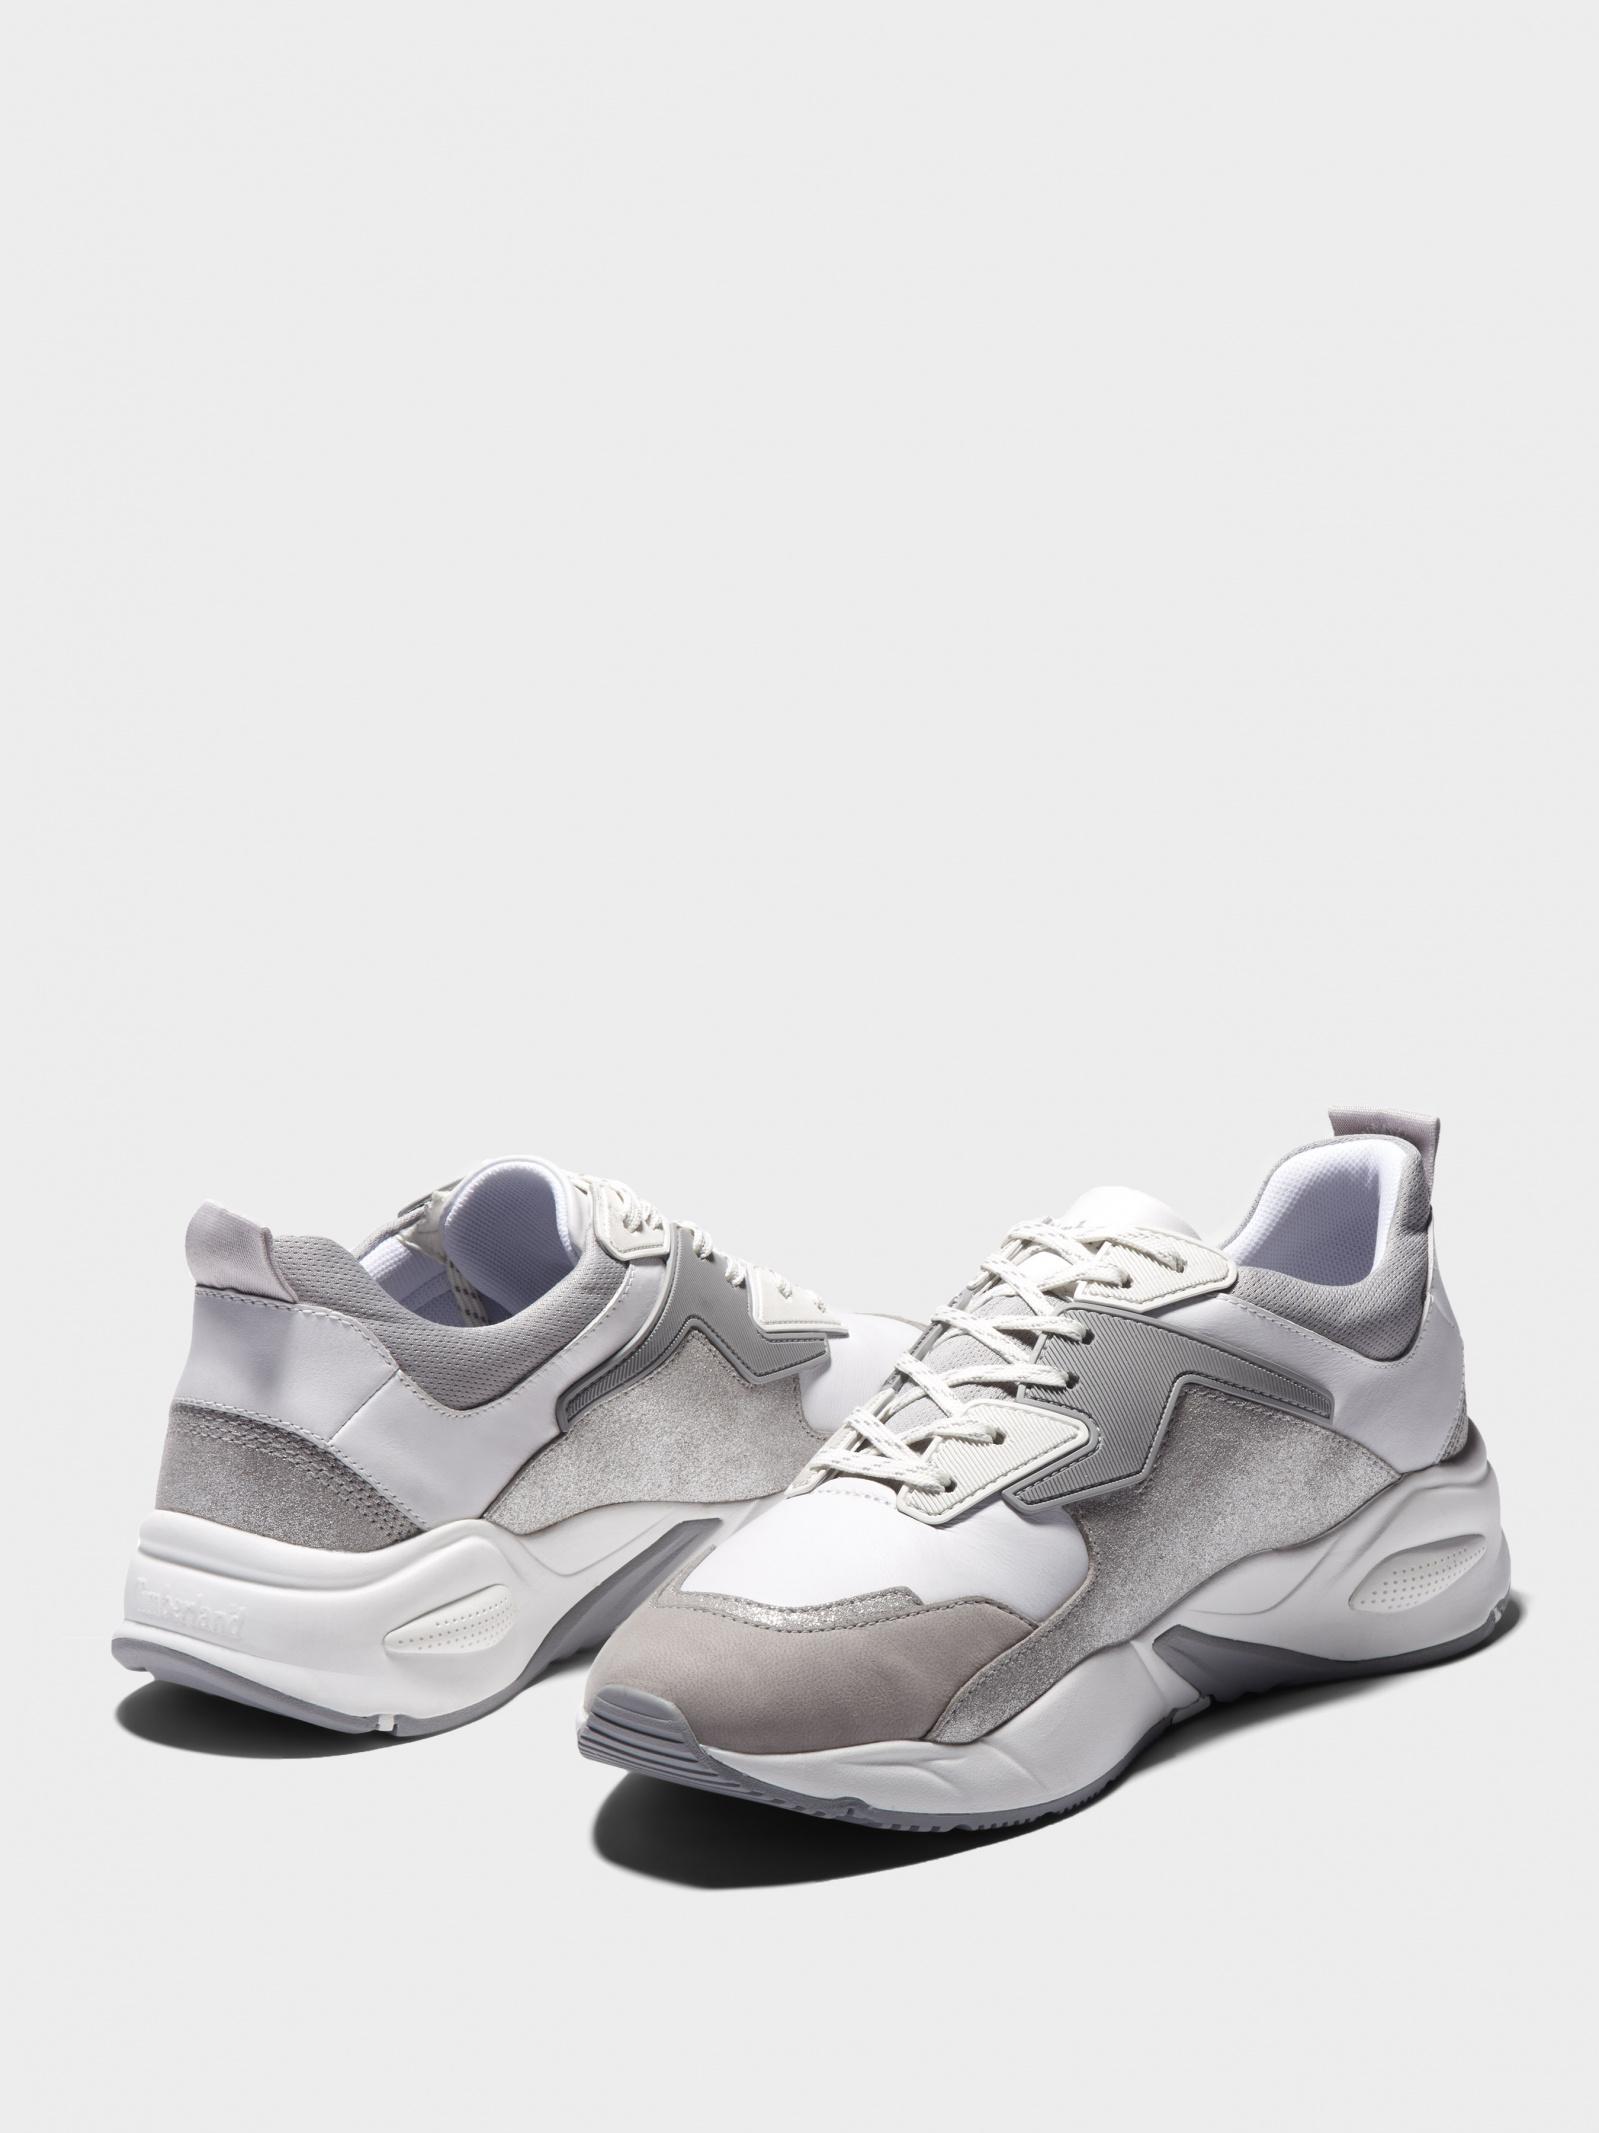 Кроссовки для женщин Timberland Delphiville TB0A2APR100 размерная сетка обуви, 2017